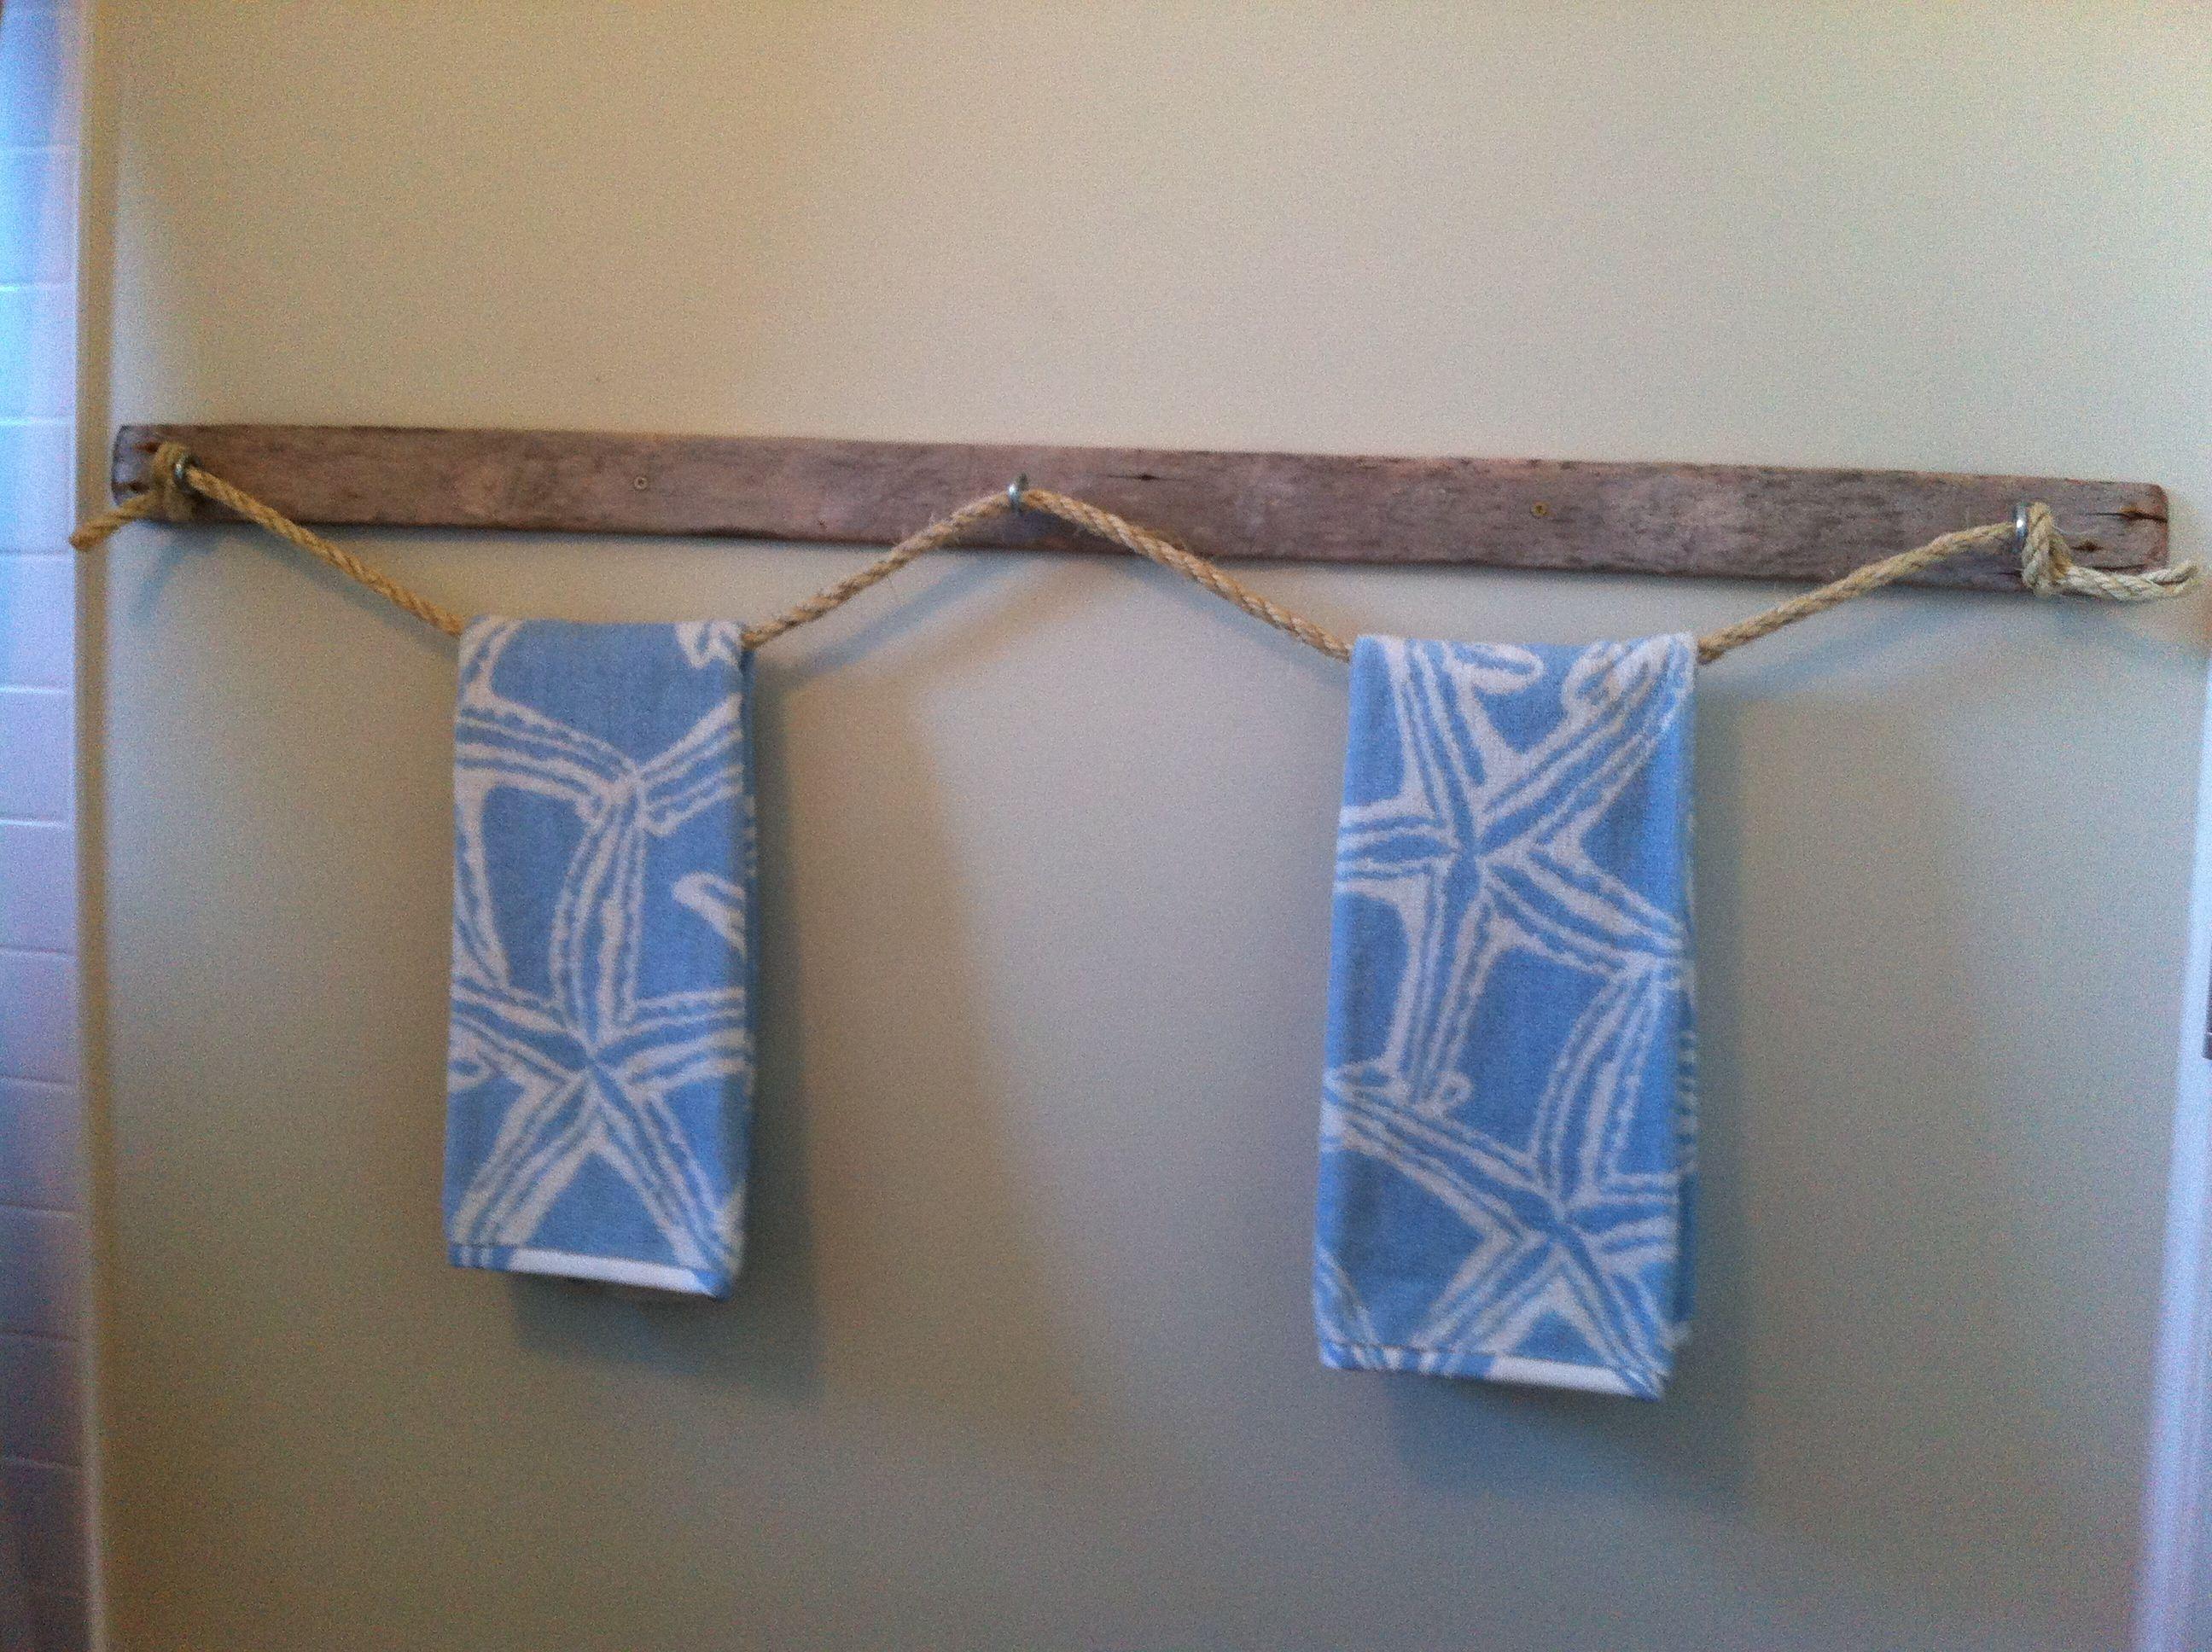 Beach Bath Decor Towel Rack Bathrooms House New Homes